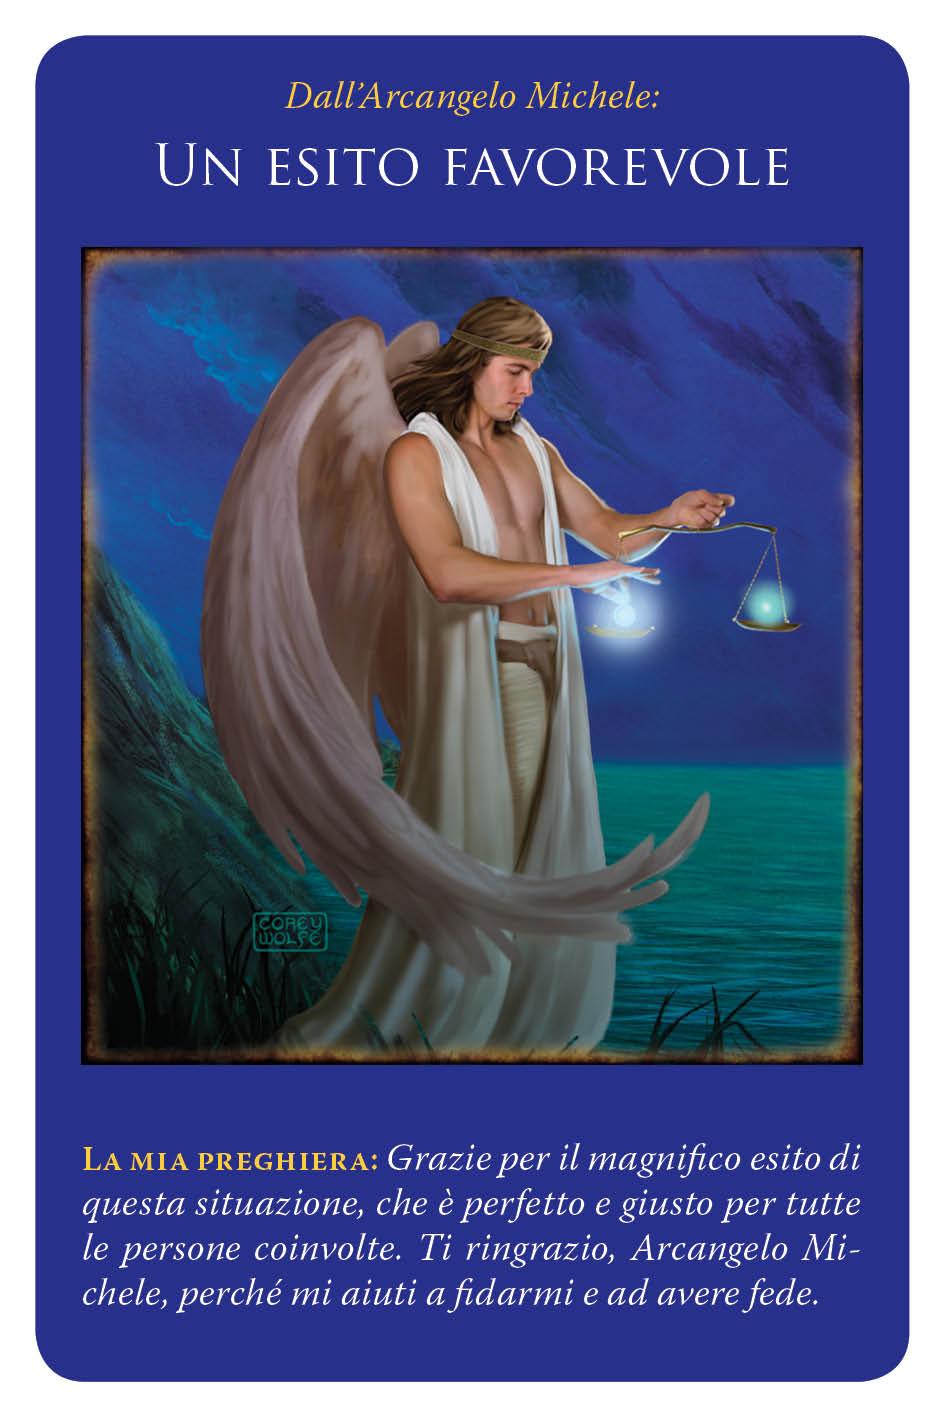 carte arcangelo michele - un esito favorevole